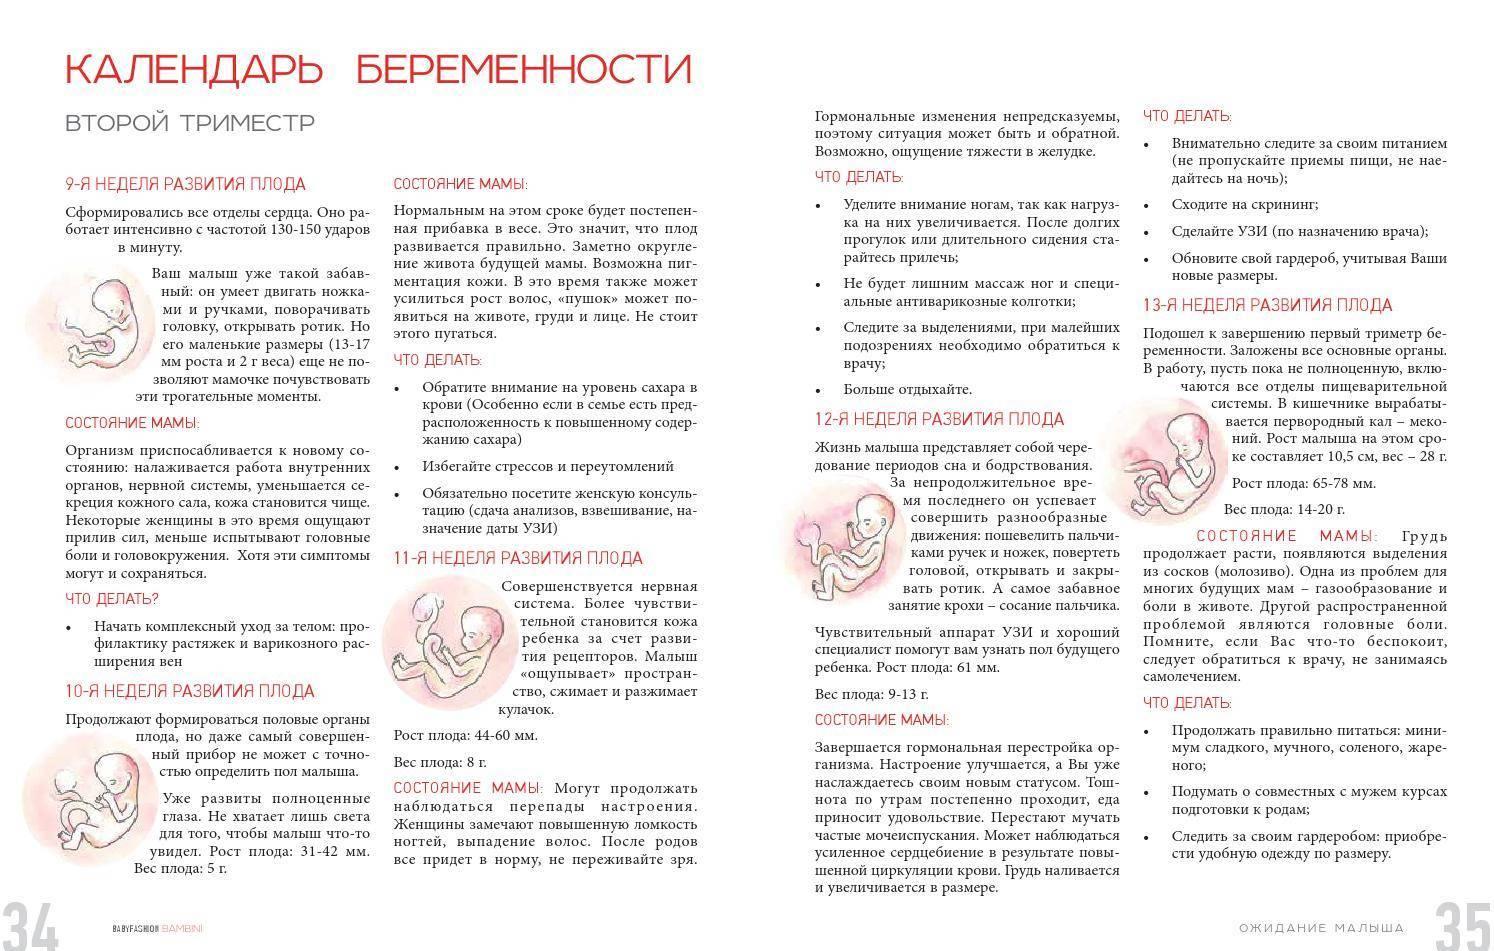 24 неделя беременности: развитие плода, состояние будущей матери